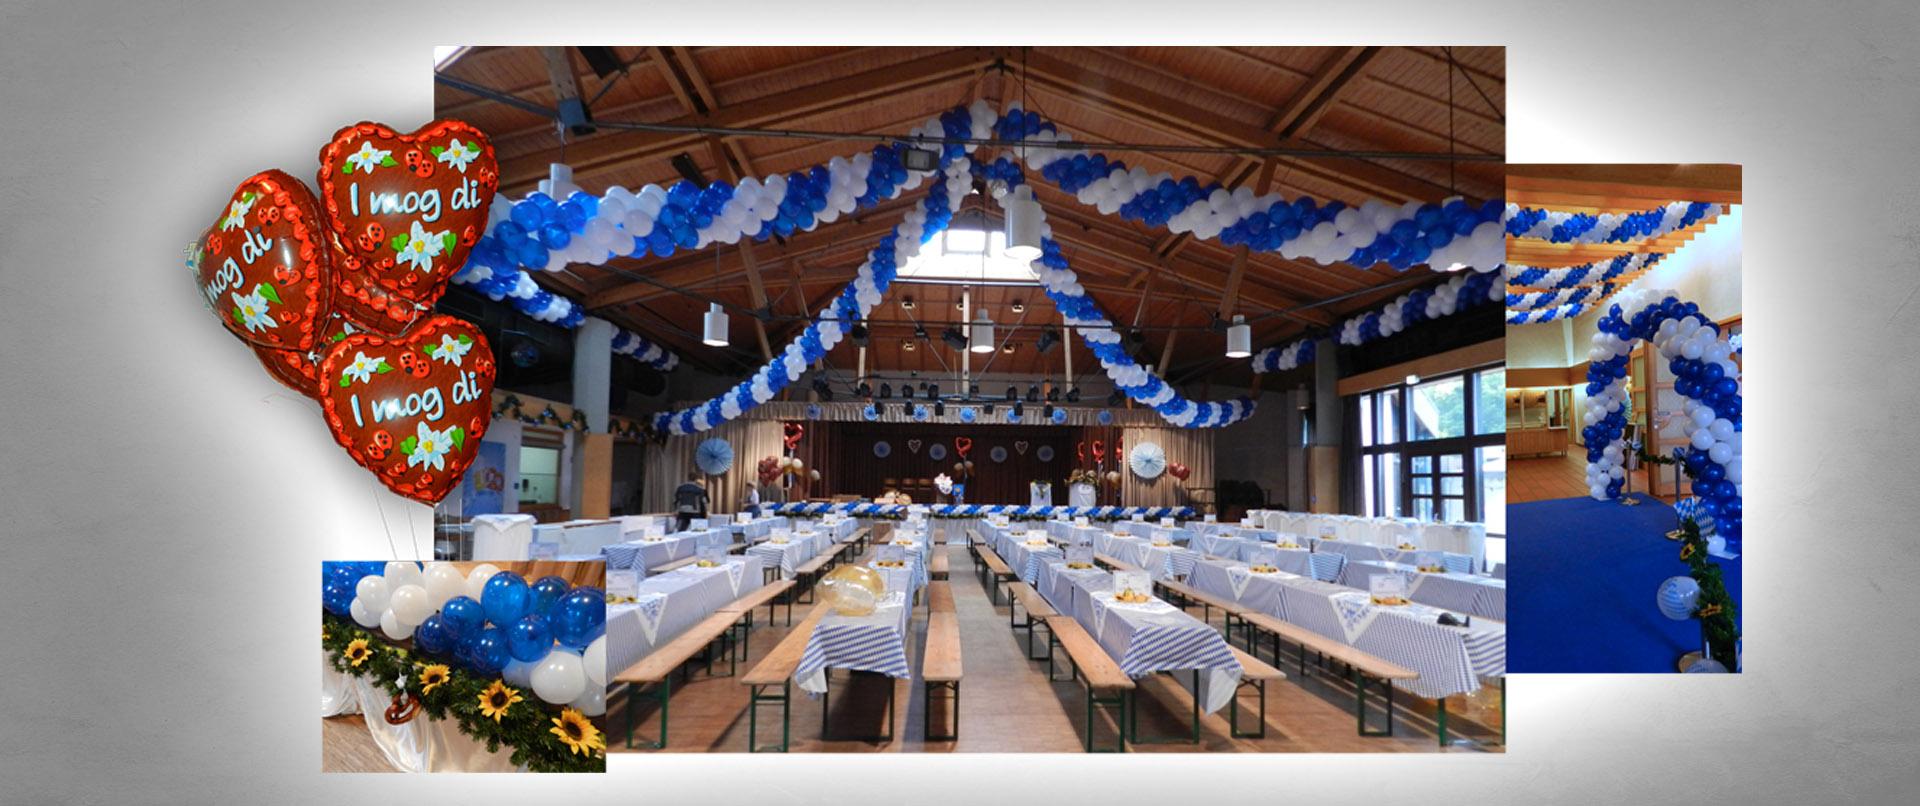 Luftballon-Dekoration Oktoberfest Margarethenhalle Margetshöchheim